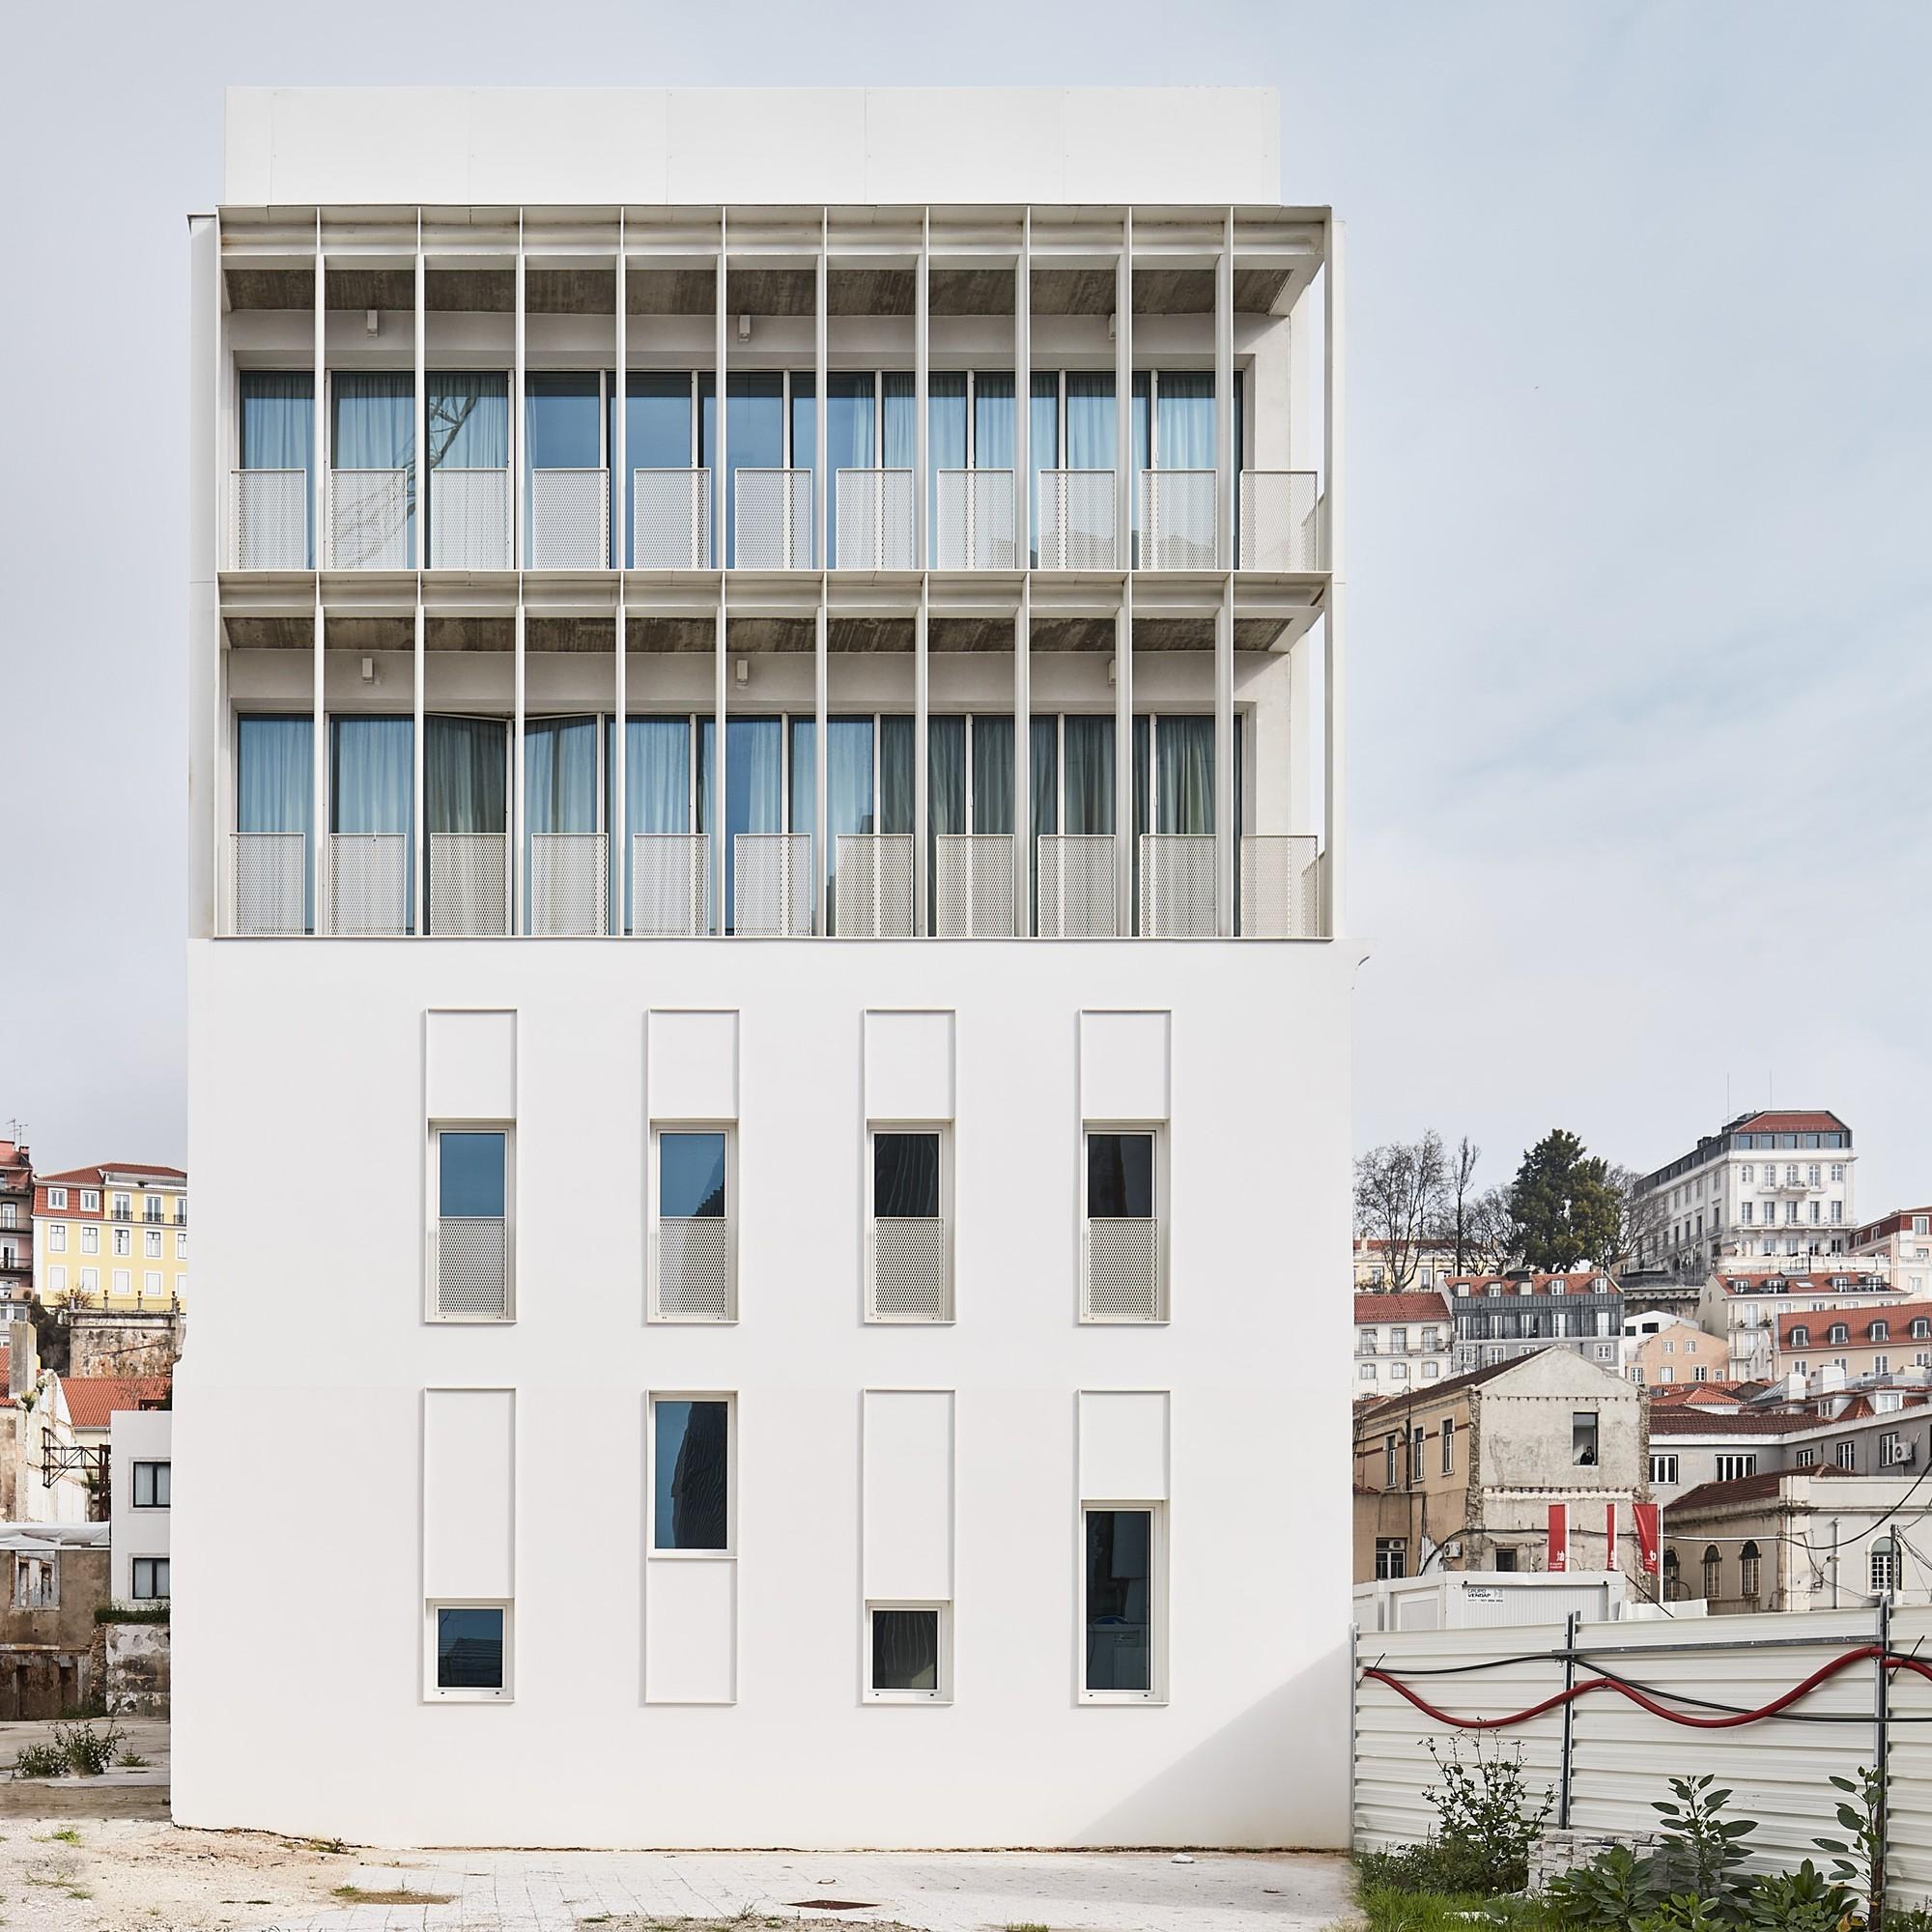 Ribeira 11 Apartment Building / Ricardo Carvalho + Joana Vilhena